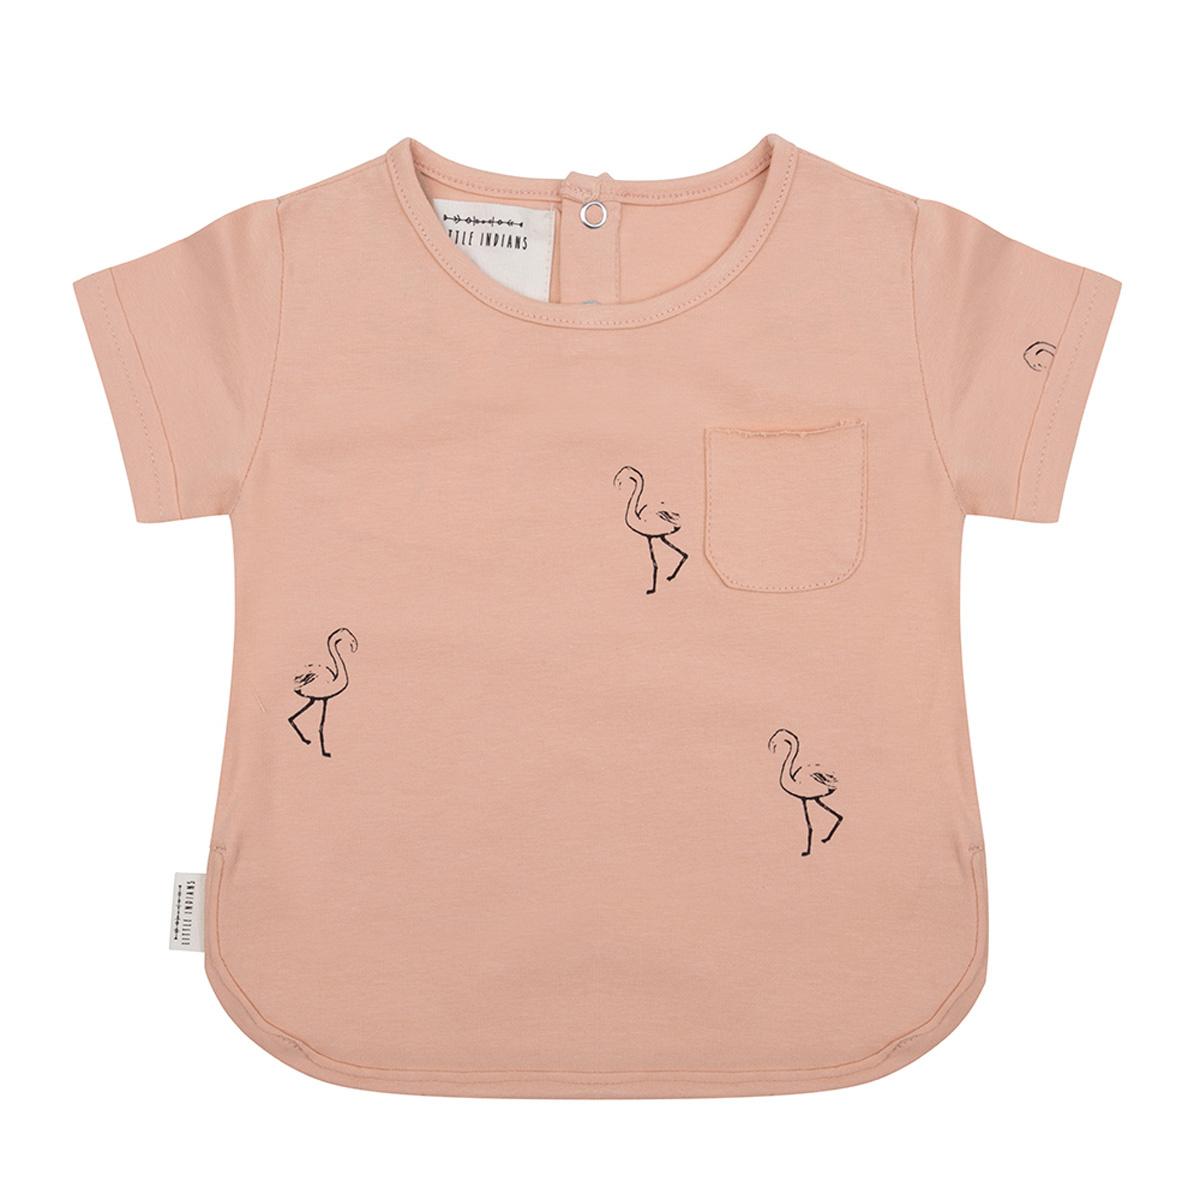 Hauts bébé T-Shirt Flamingo Corail - 9/12 Mois T-Shirt Flamingo Corail - 9/12 Mois